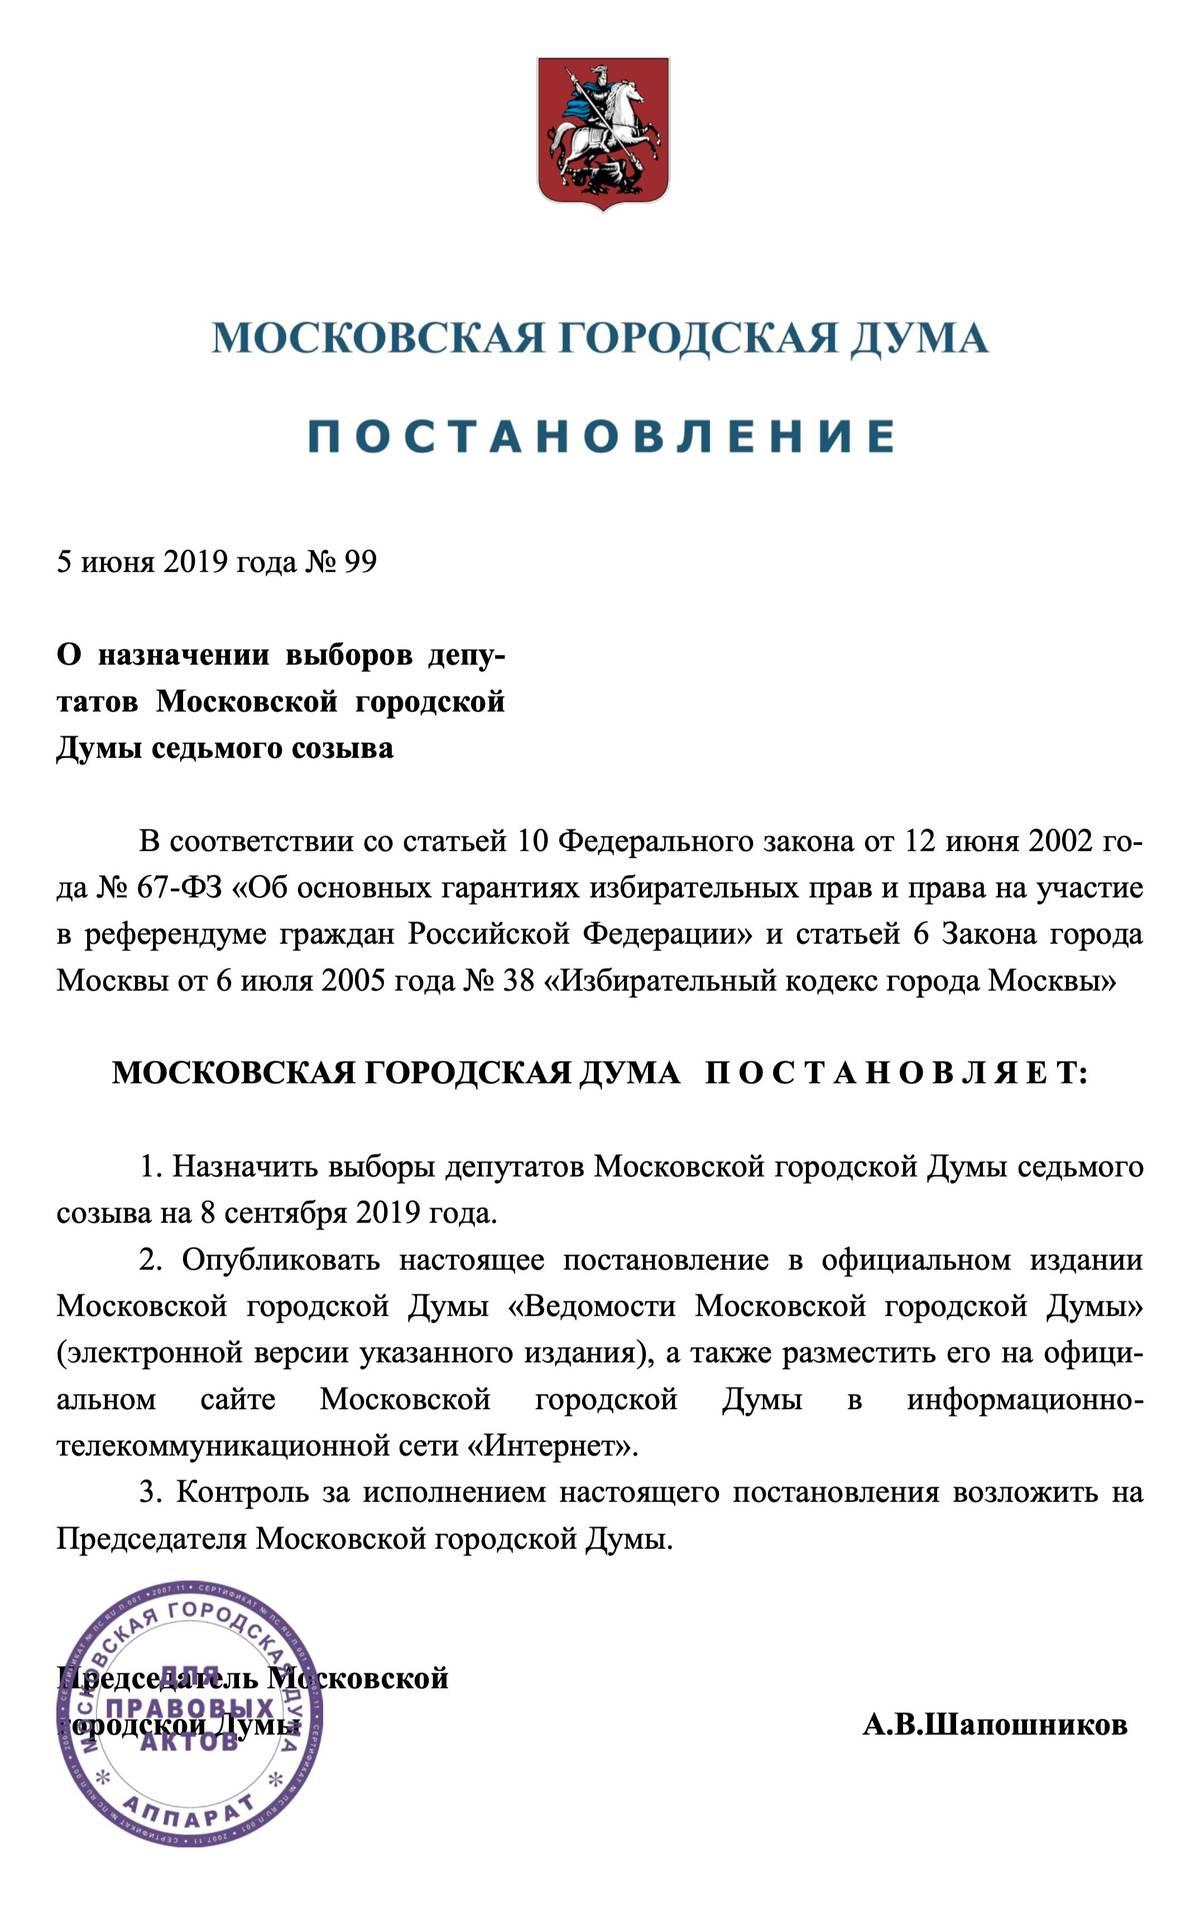 А это постановление Мосгордумы о назначении выборов депутатов городской думы седьмого созыва на 8сентября 2019года. Почему-то председатель Мосгордумы не подписал документ — ни собственноручно, ни электронной подписью